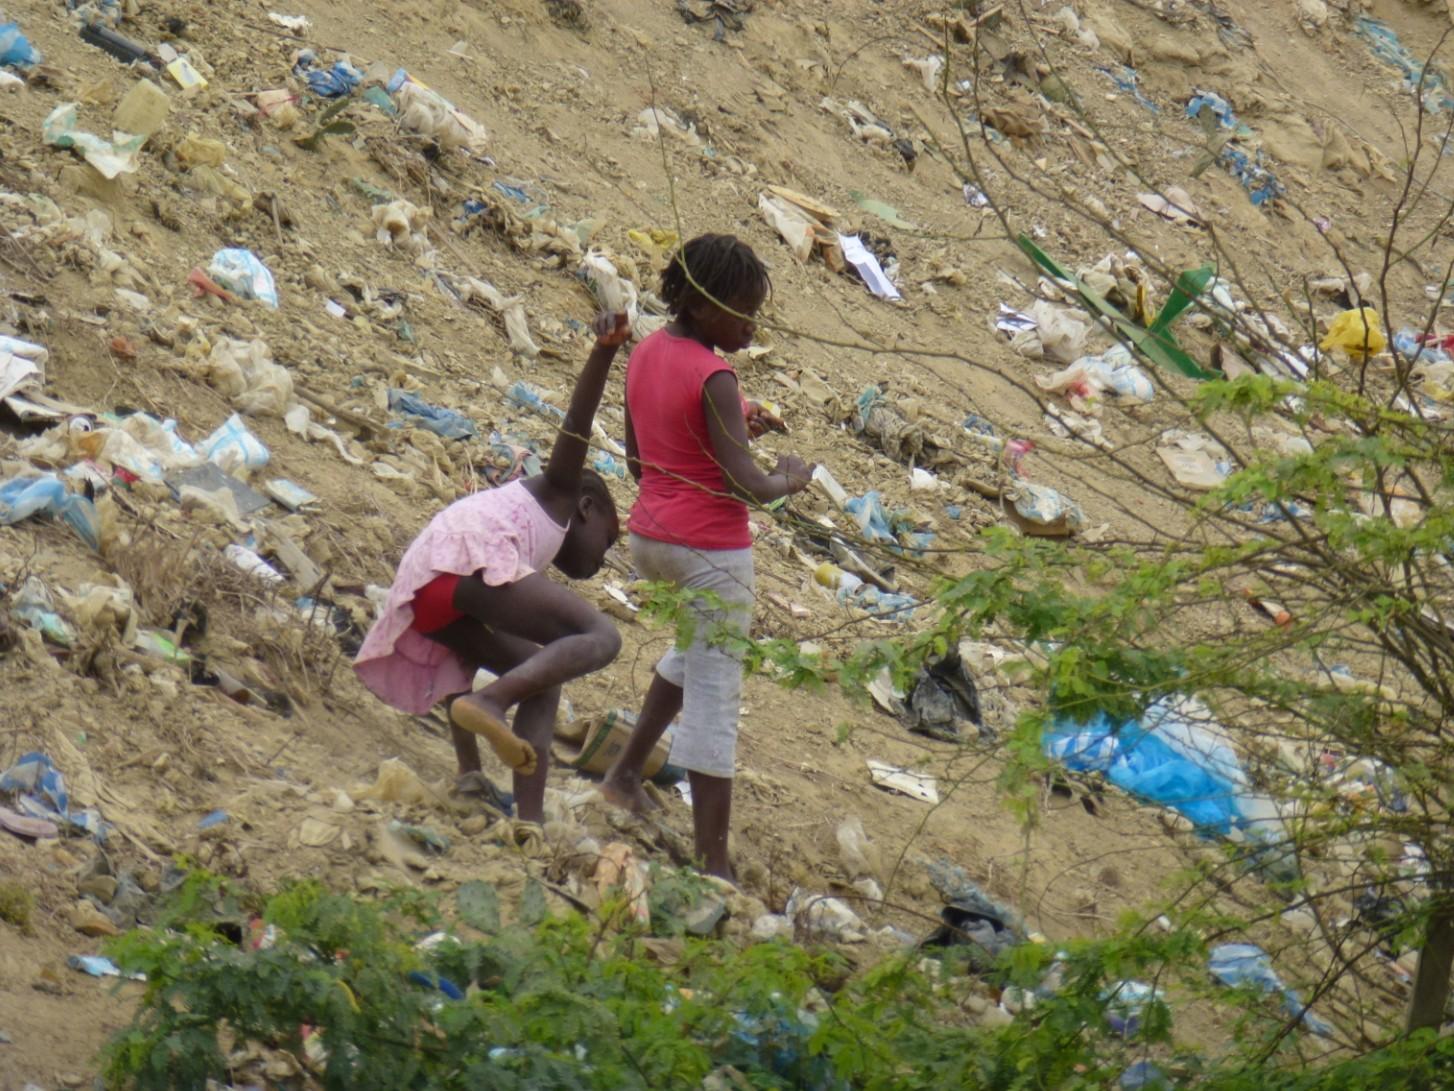 Capacitación ambiental en Angola